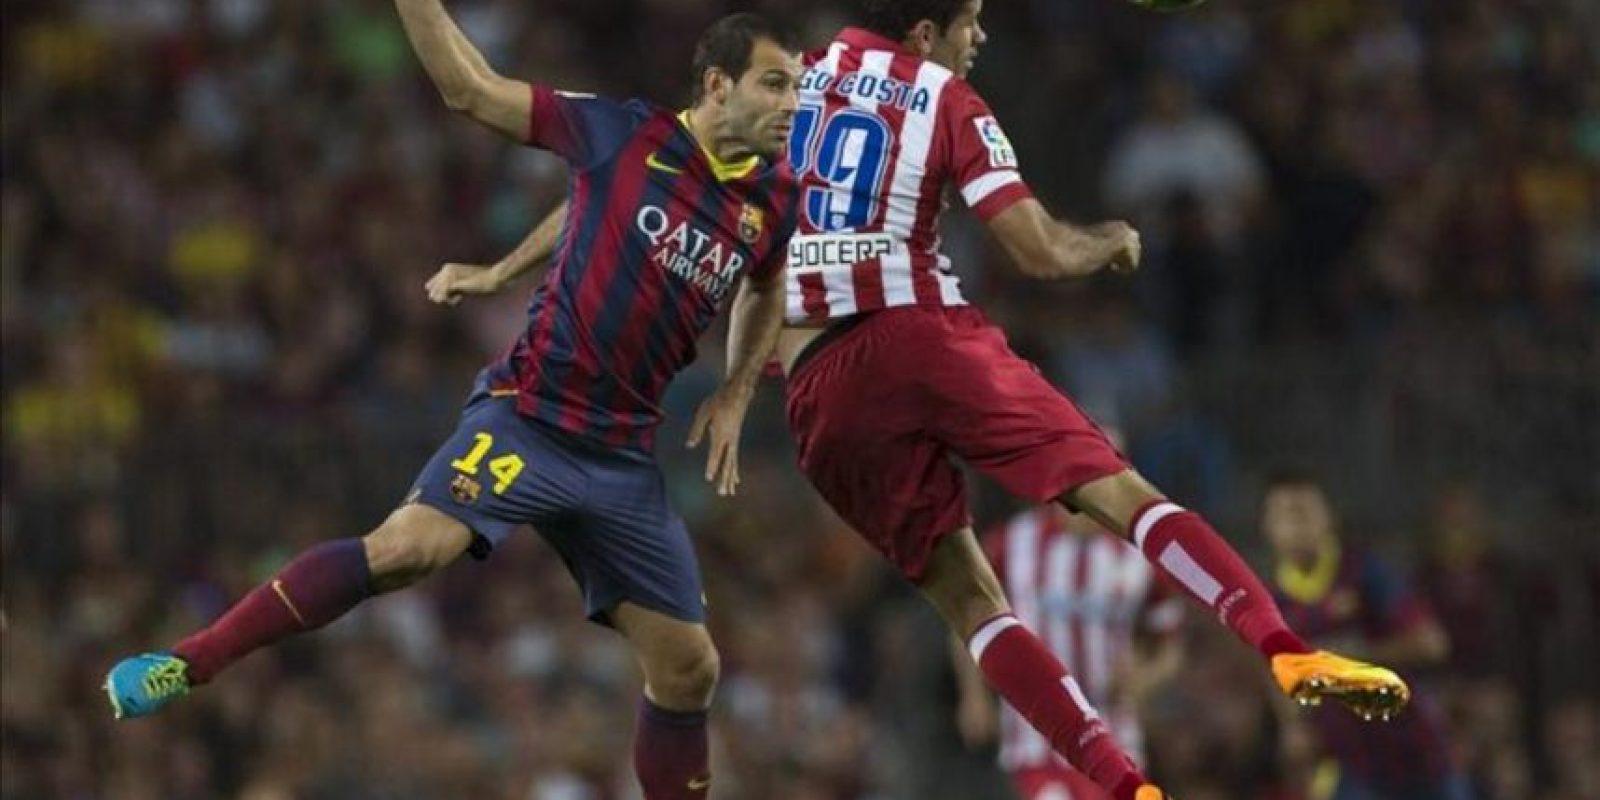 El defensa argentino del FC Barcelona, Javier Mascherano (i), salta por el balón con el brasileño Diego Costa, del Atlético de Madrid, durante el partido de vuelta de la Supercopa de España que los dos equipos disputaron en el Camp Nou, en Barcelona. EFE